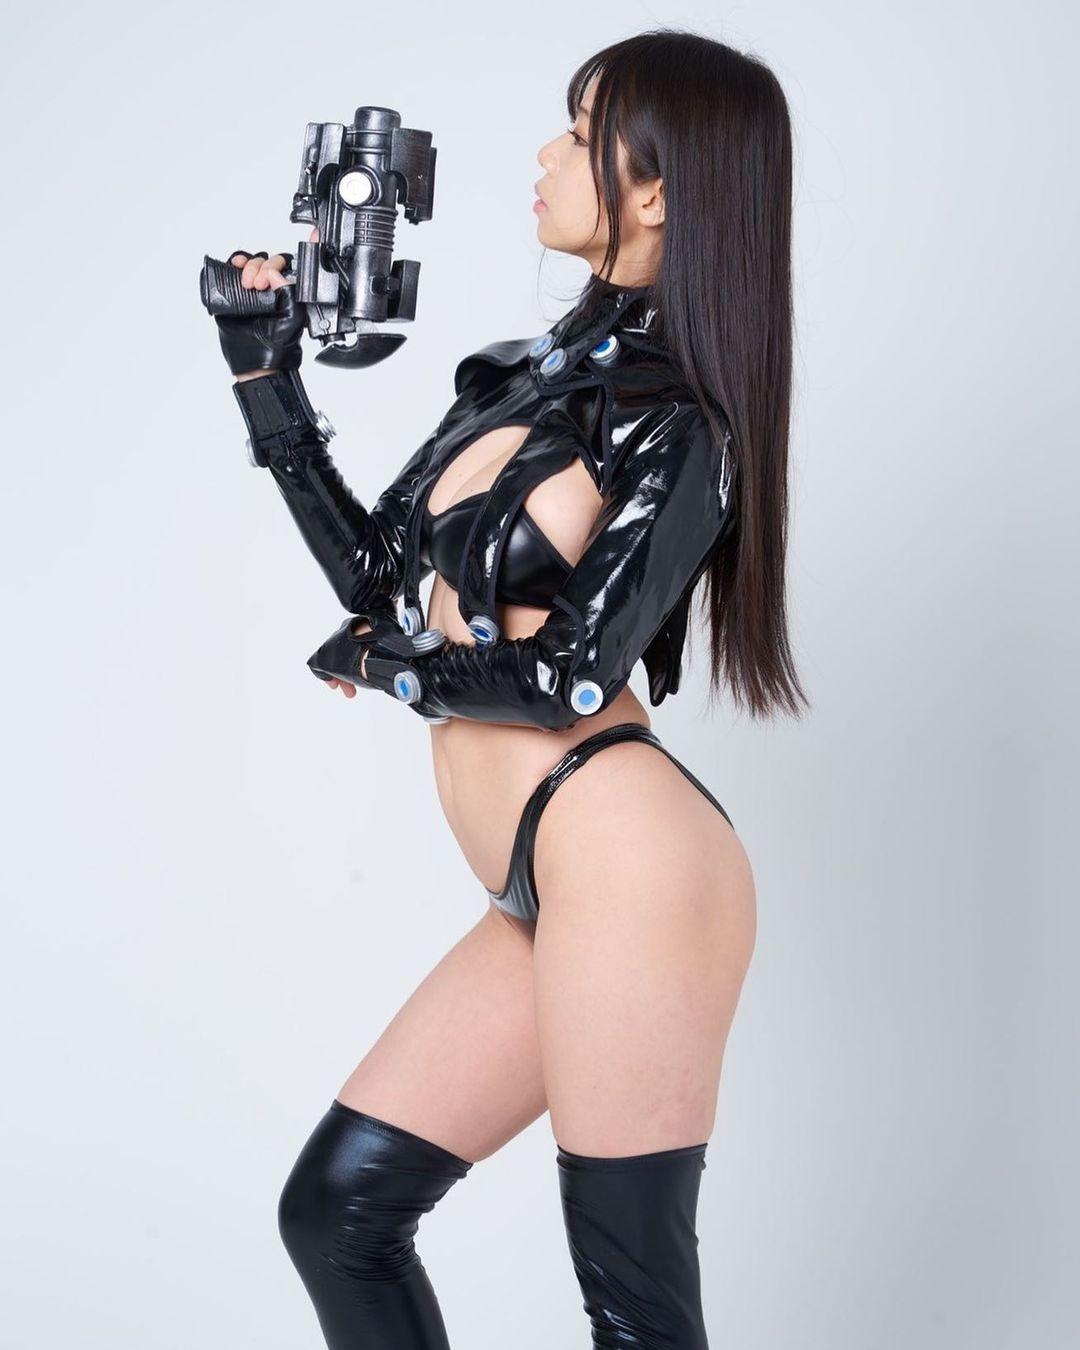 suzuki_fumina394.jpg